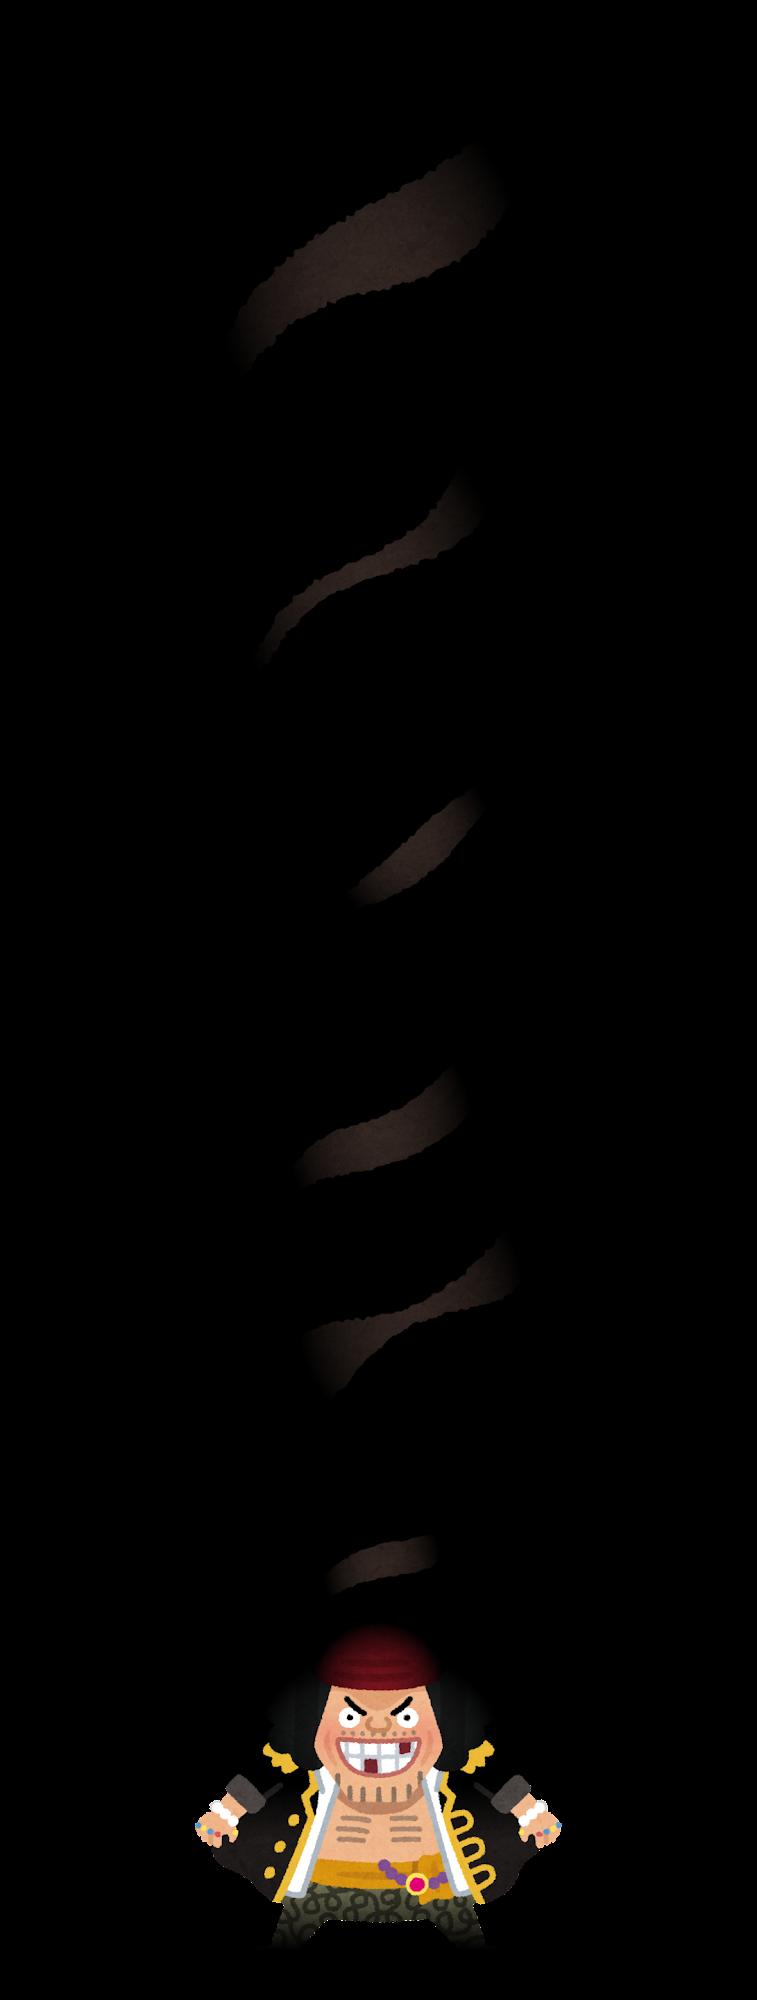 onepiece19_kurohige_teach.png (757×2000)